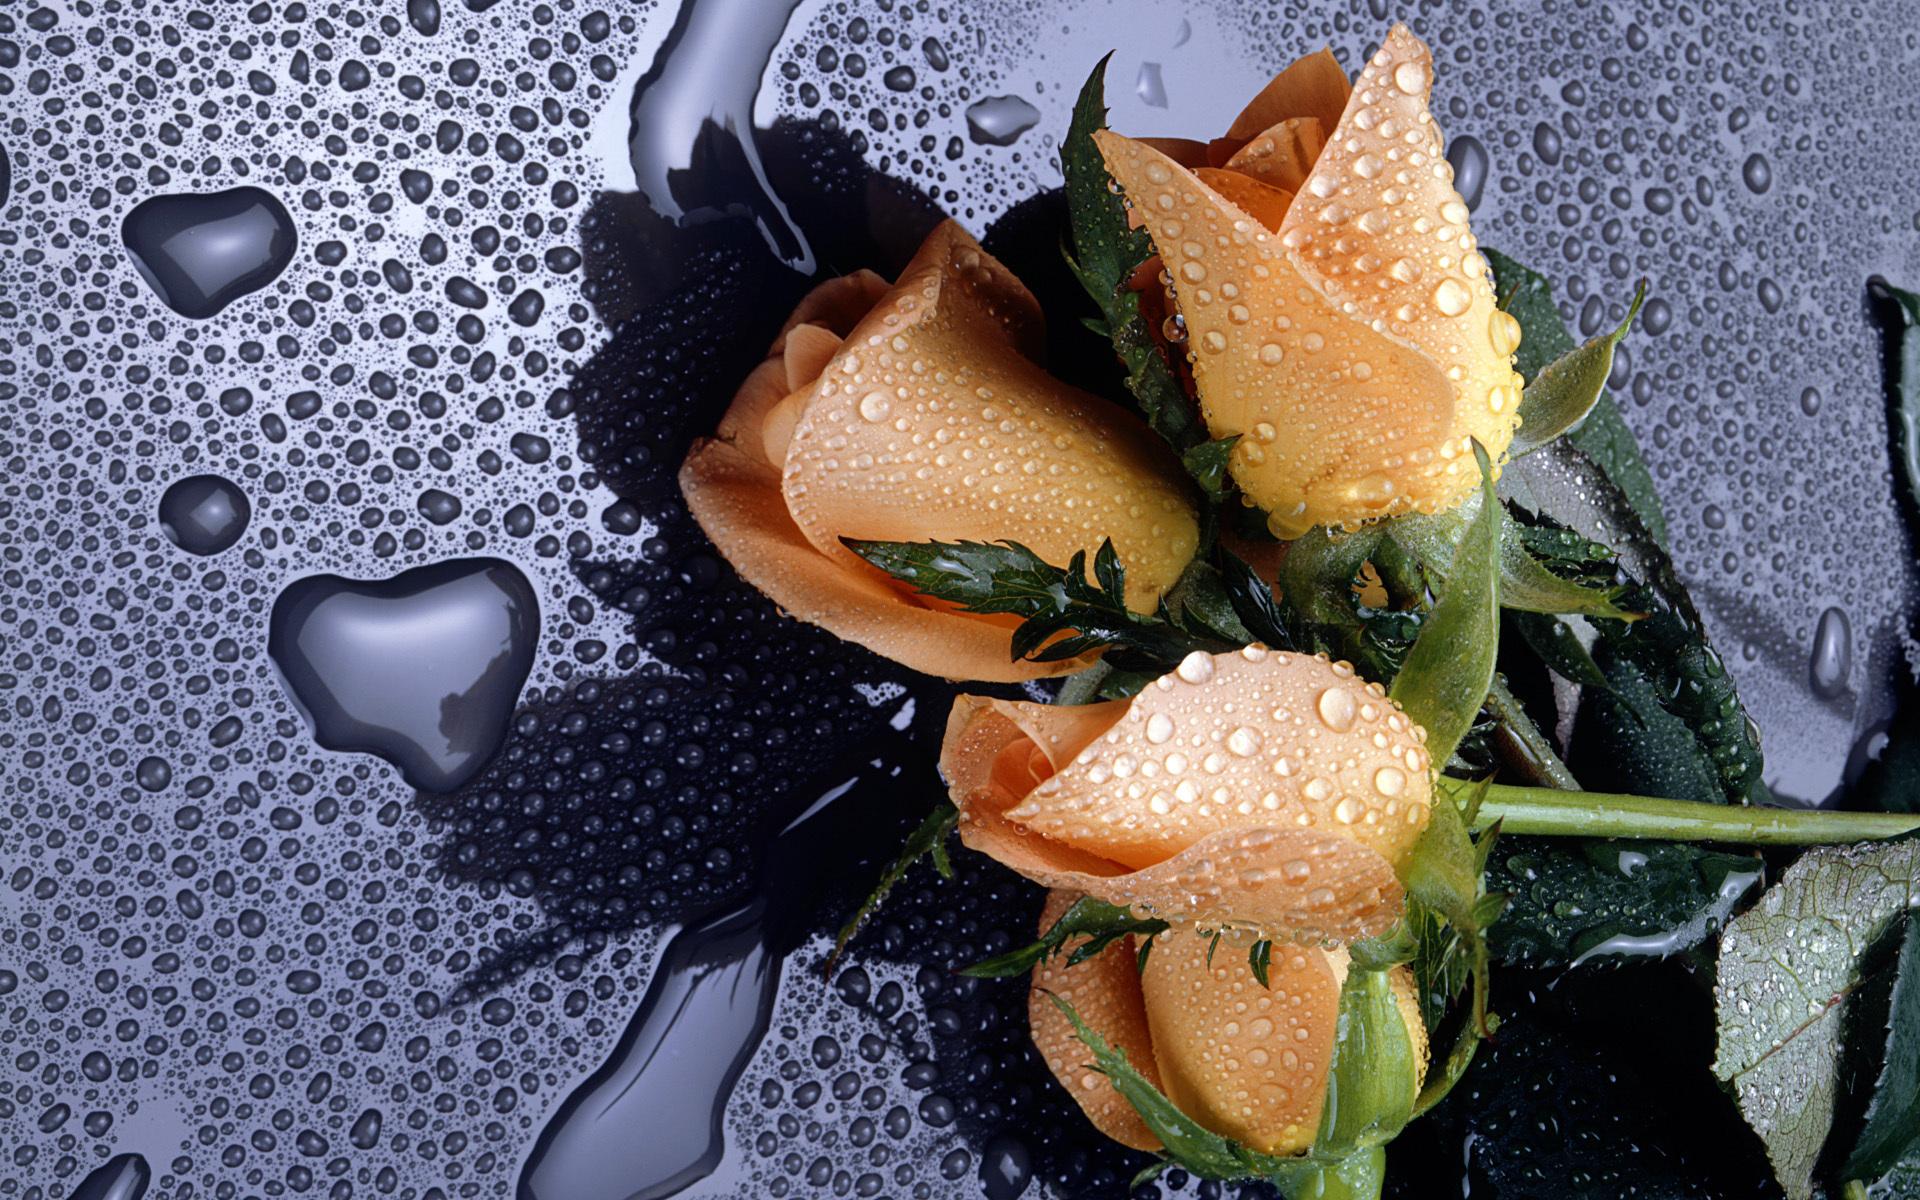 роза сердце капли  № 1395902 бесплатно